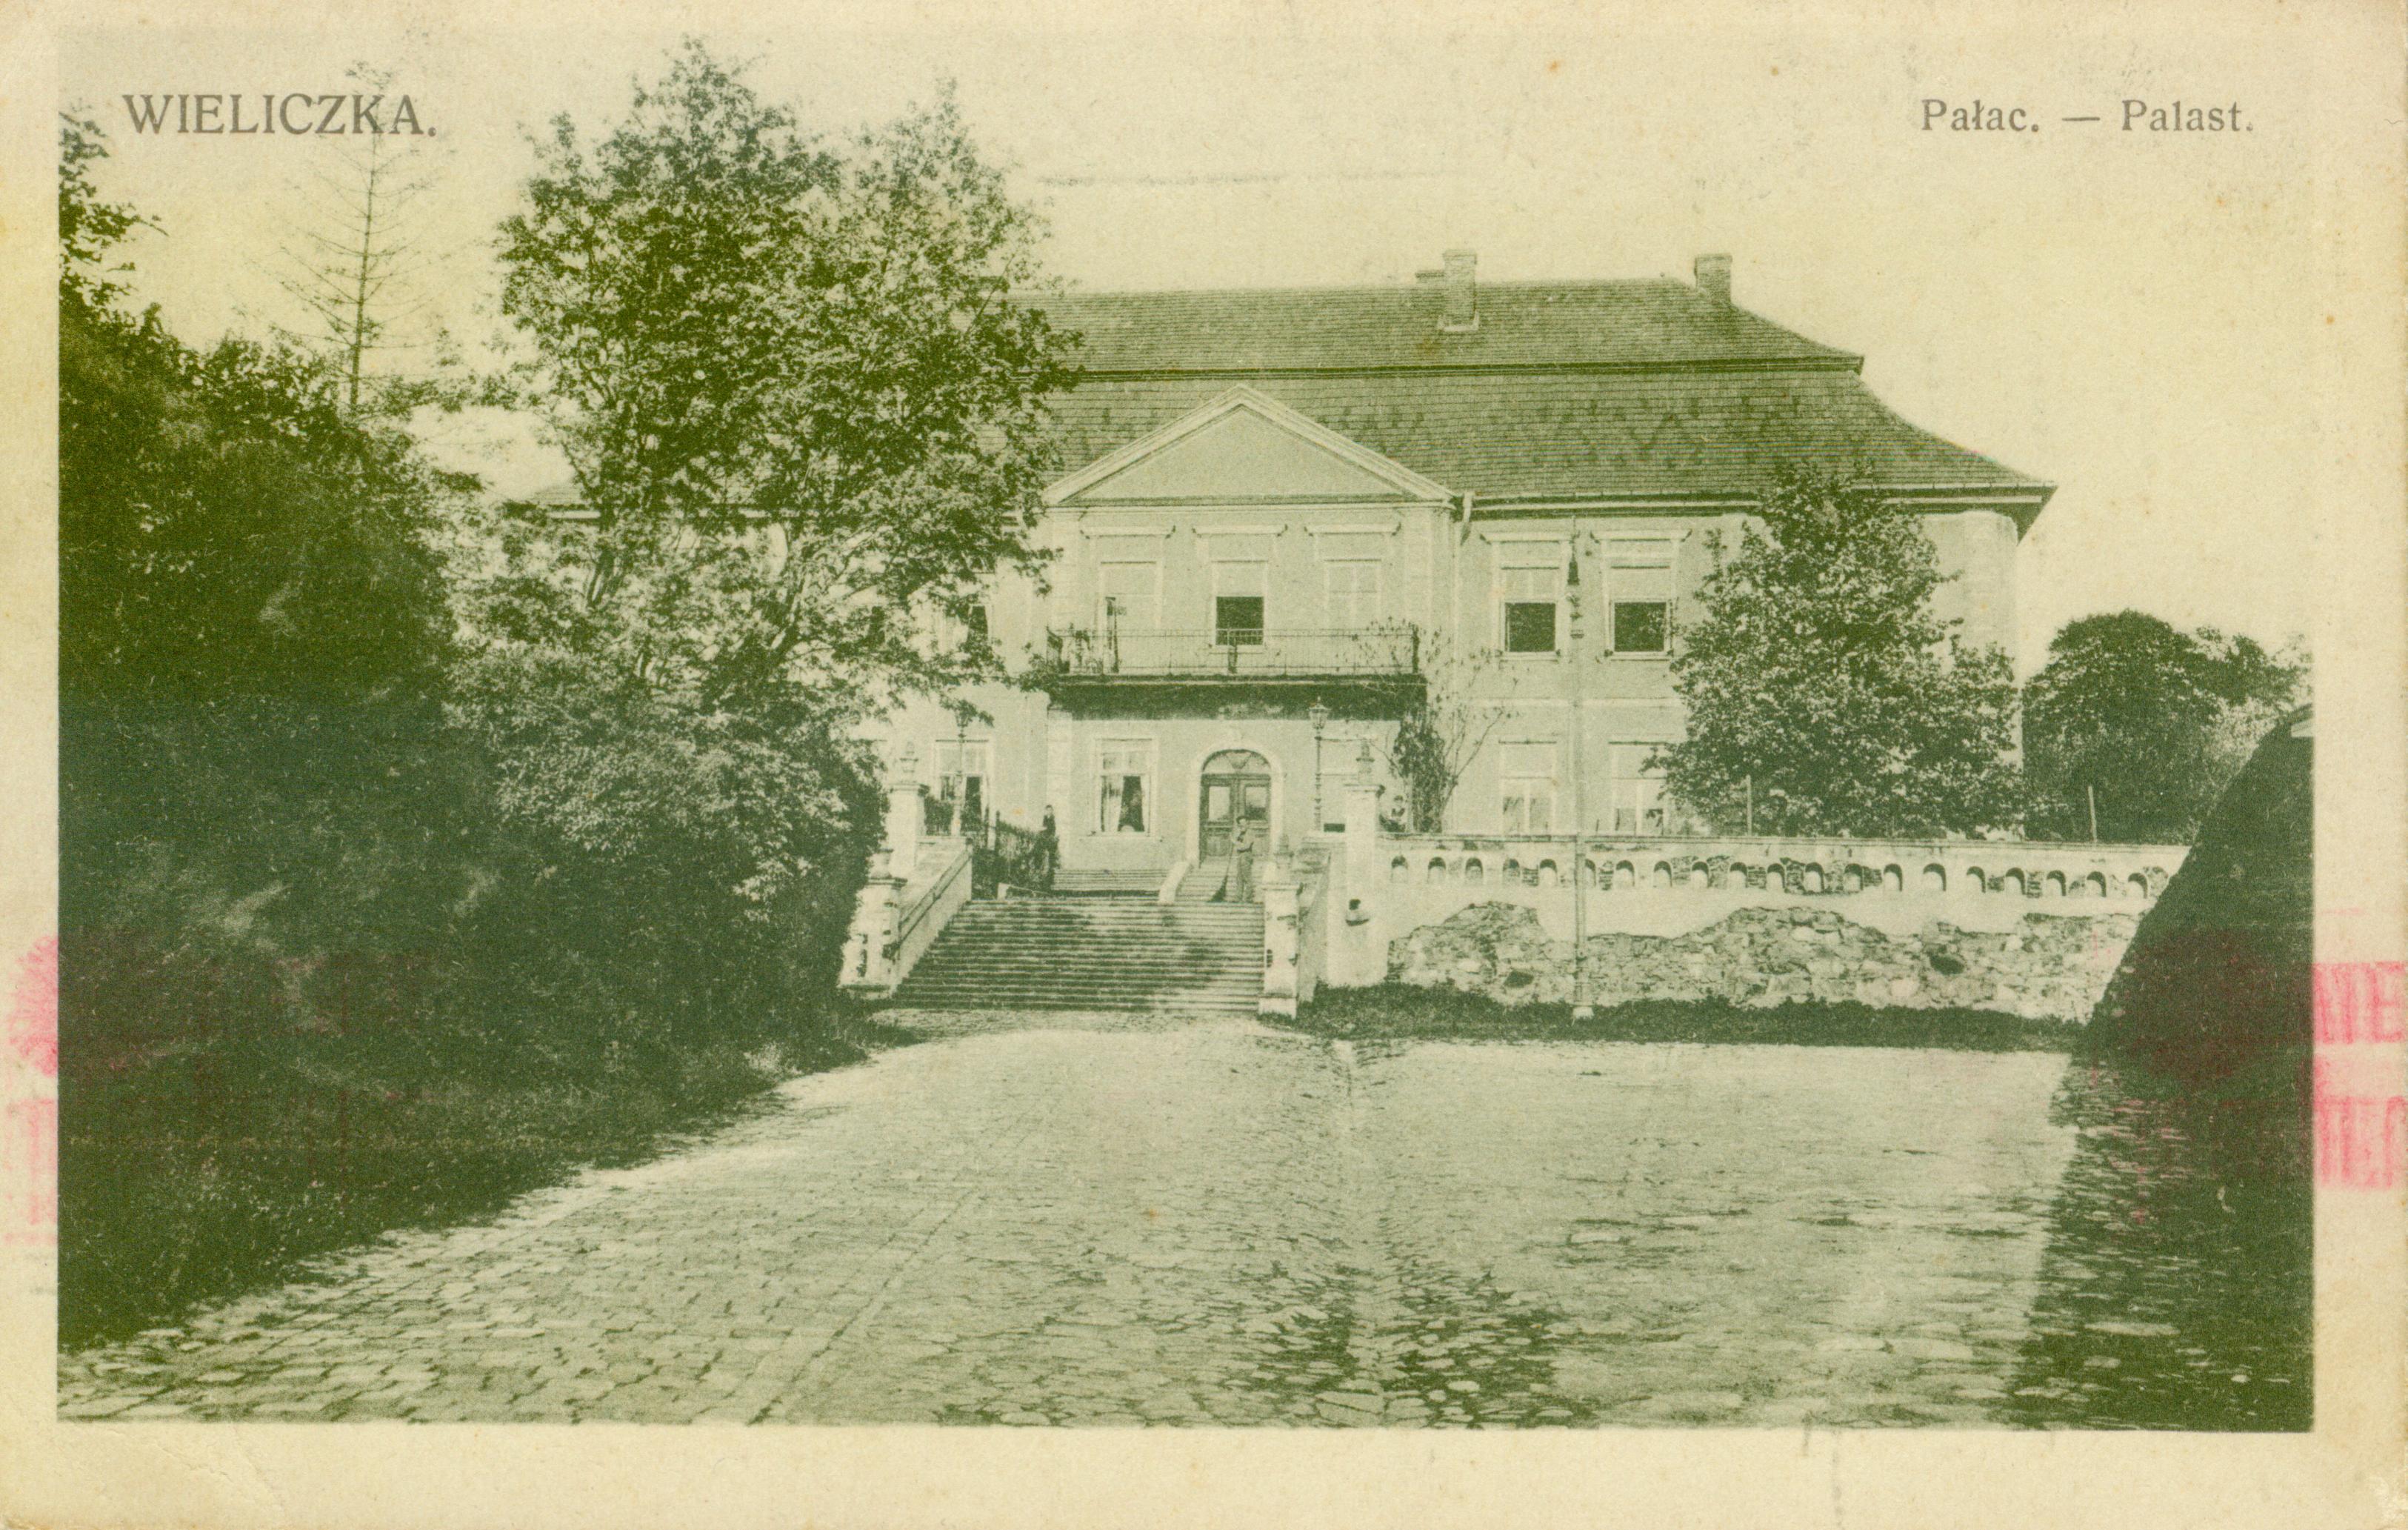 Wieliczka-pałac, małopolska